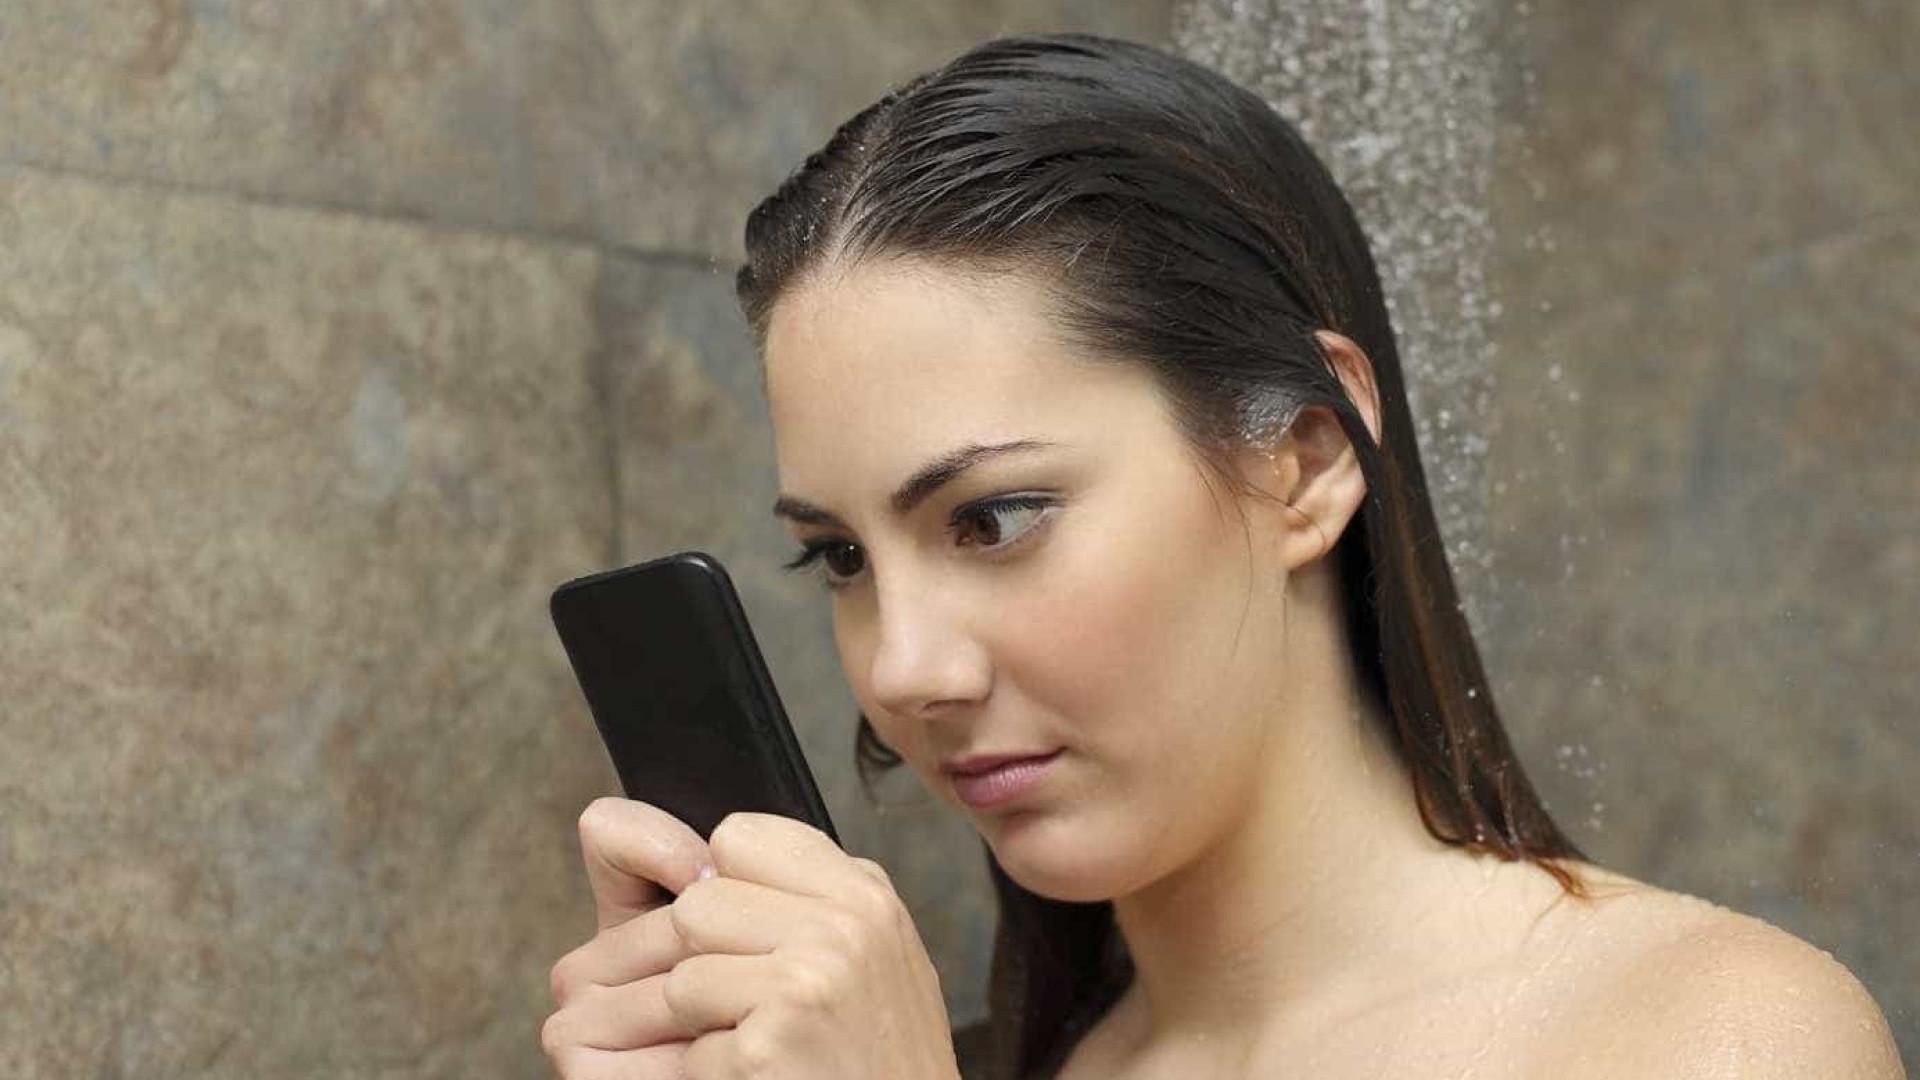 Tomar banho com o iPhone 7, a nova tendência do smartphone da Apple